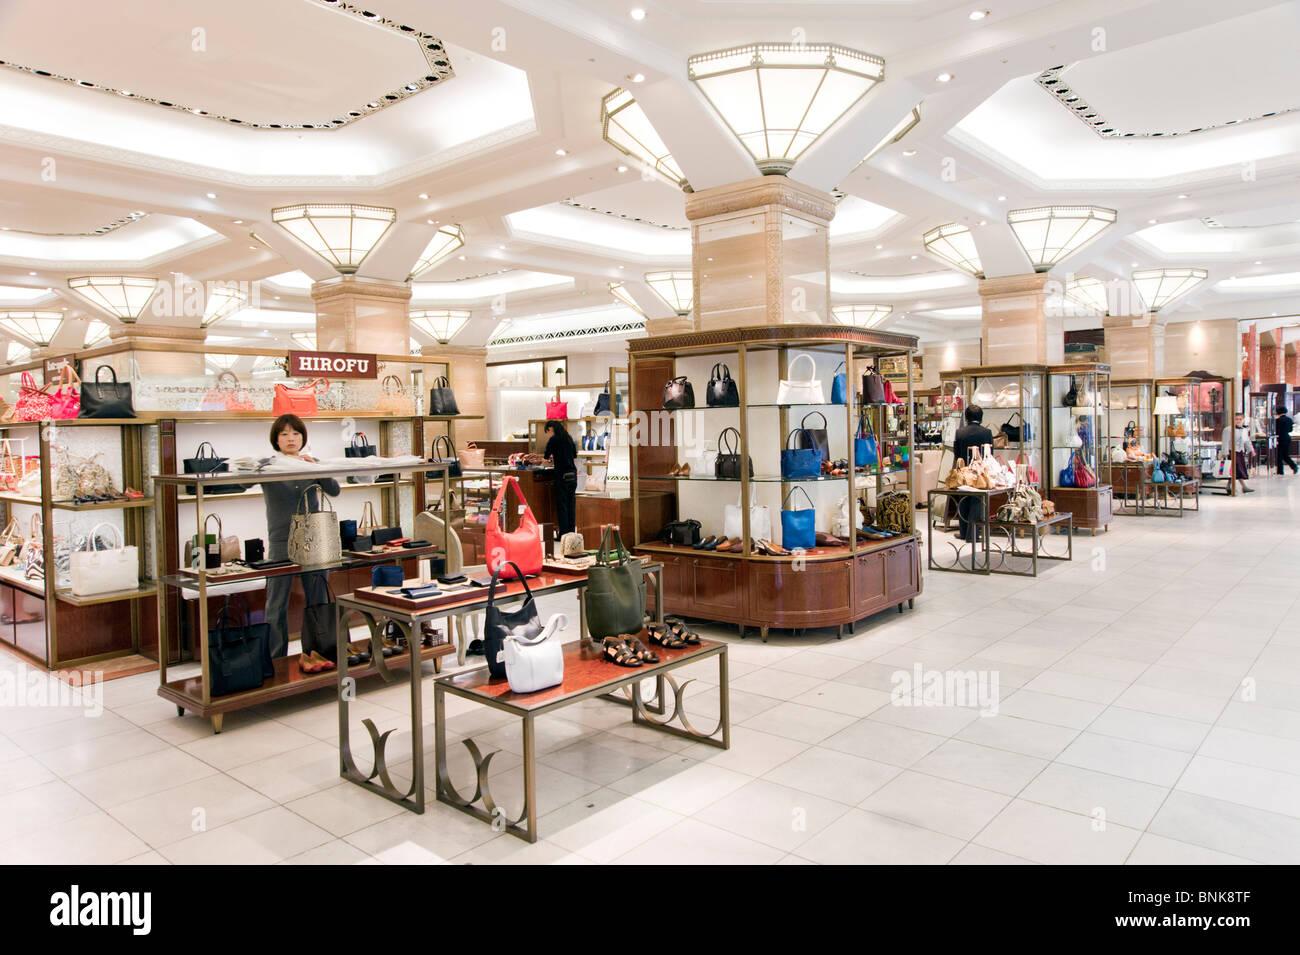 Mitsukoshi department store in Nihombashi, Tokyo, Japan - Stock Image